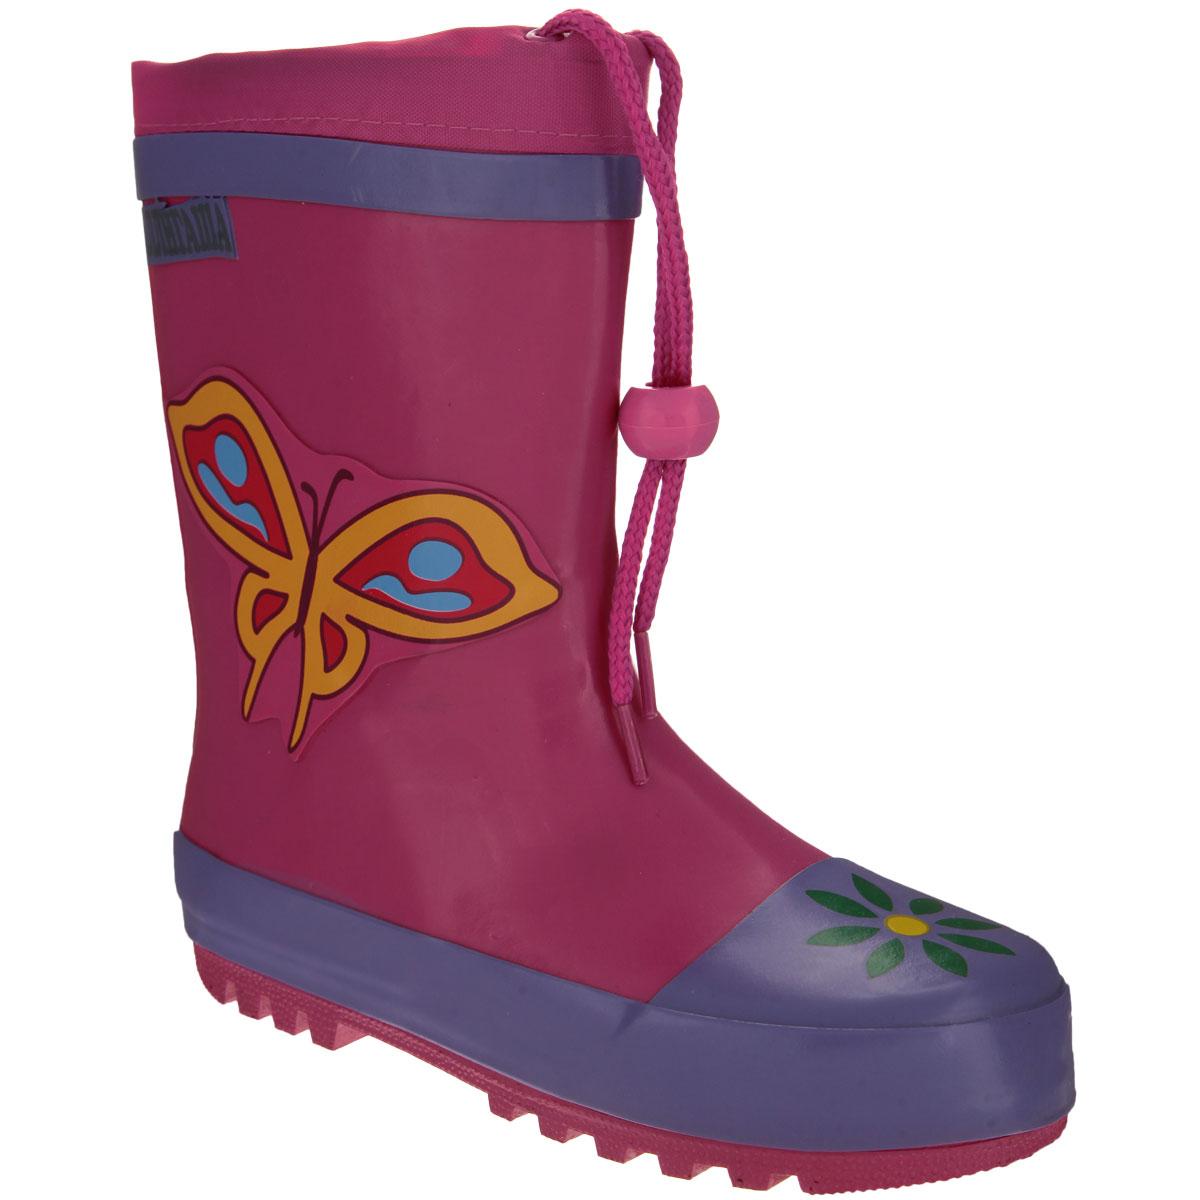 13-303Резиновые сапожки для девочки Аллигаша - идеальная обувь в дождливую погоду. Сапоги выполнены из качественной резины и оформлены аппликацией в виде бабочки, а также логотипом бренда. Подкладка, выполненная из текстиля, подарит ощущение комфорта вашему ребенку. Главным преимуществом резиновых сапожек является наличие съемного текстильного носочка, что позволяет носить сапожки не только дождливым летом, но и сырой прохладной осенью. Текстильный верх голенища регулируется в объеме за счет шнурка со стоппером. Резиновые сапожки прекрасно защитят ножки вашего ребенка от промокания в дождливый день.